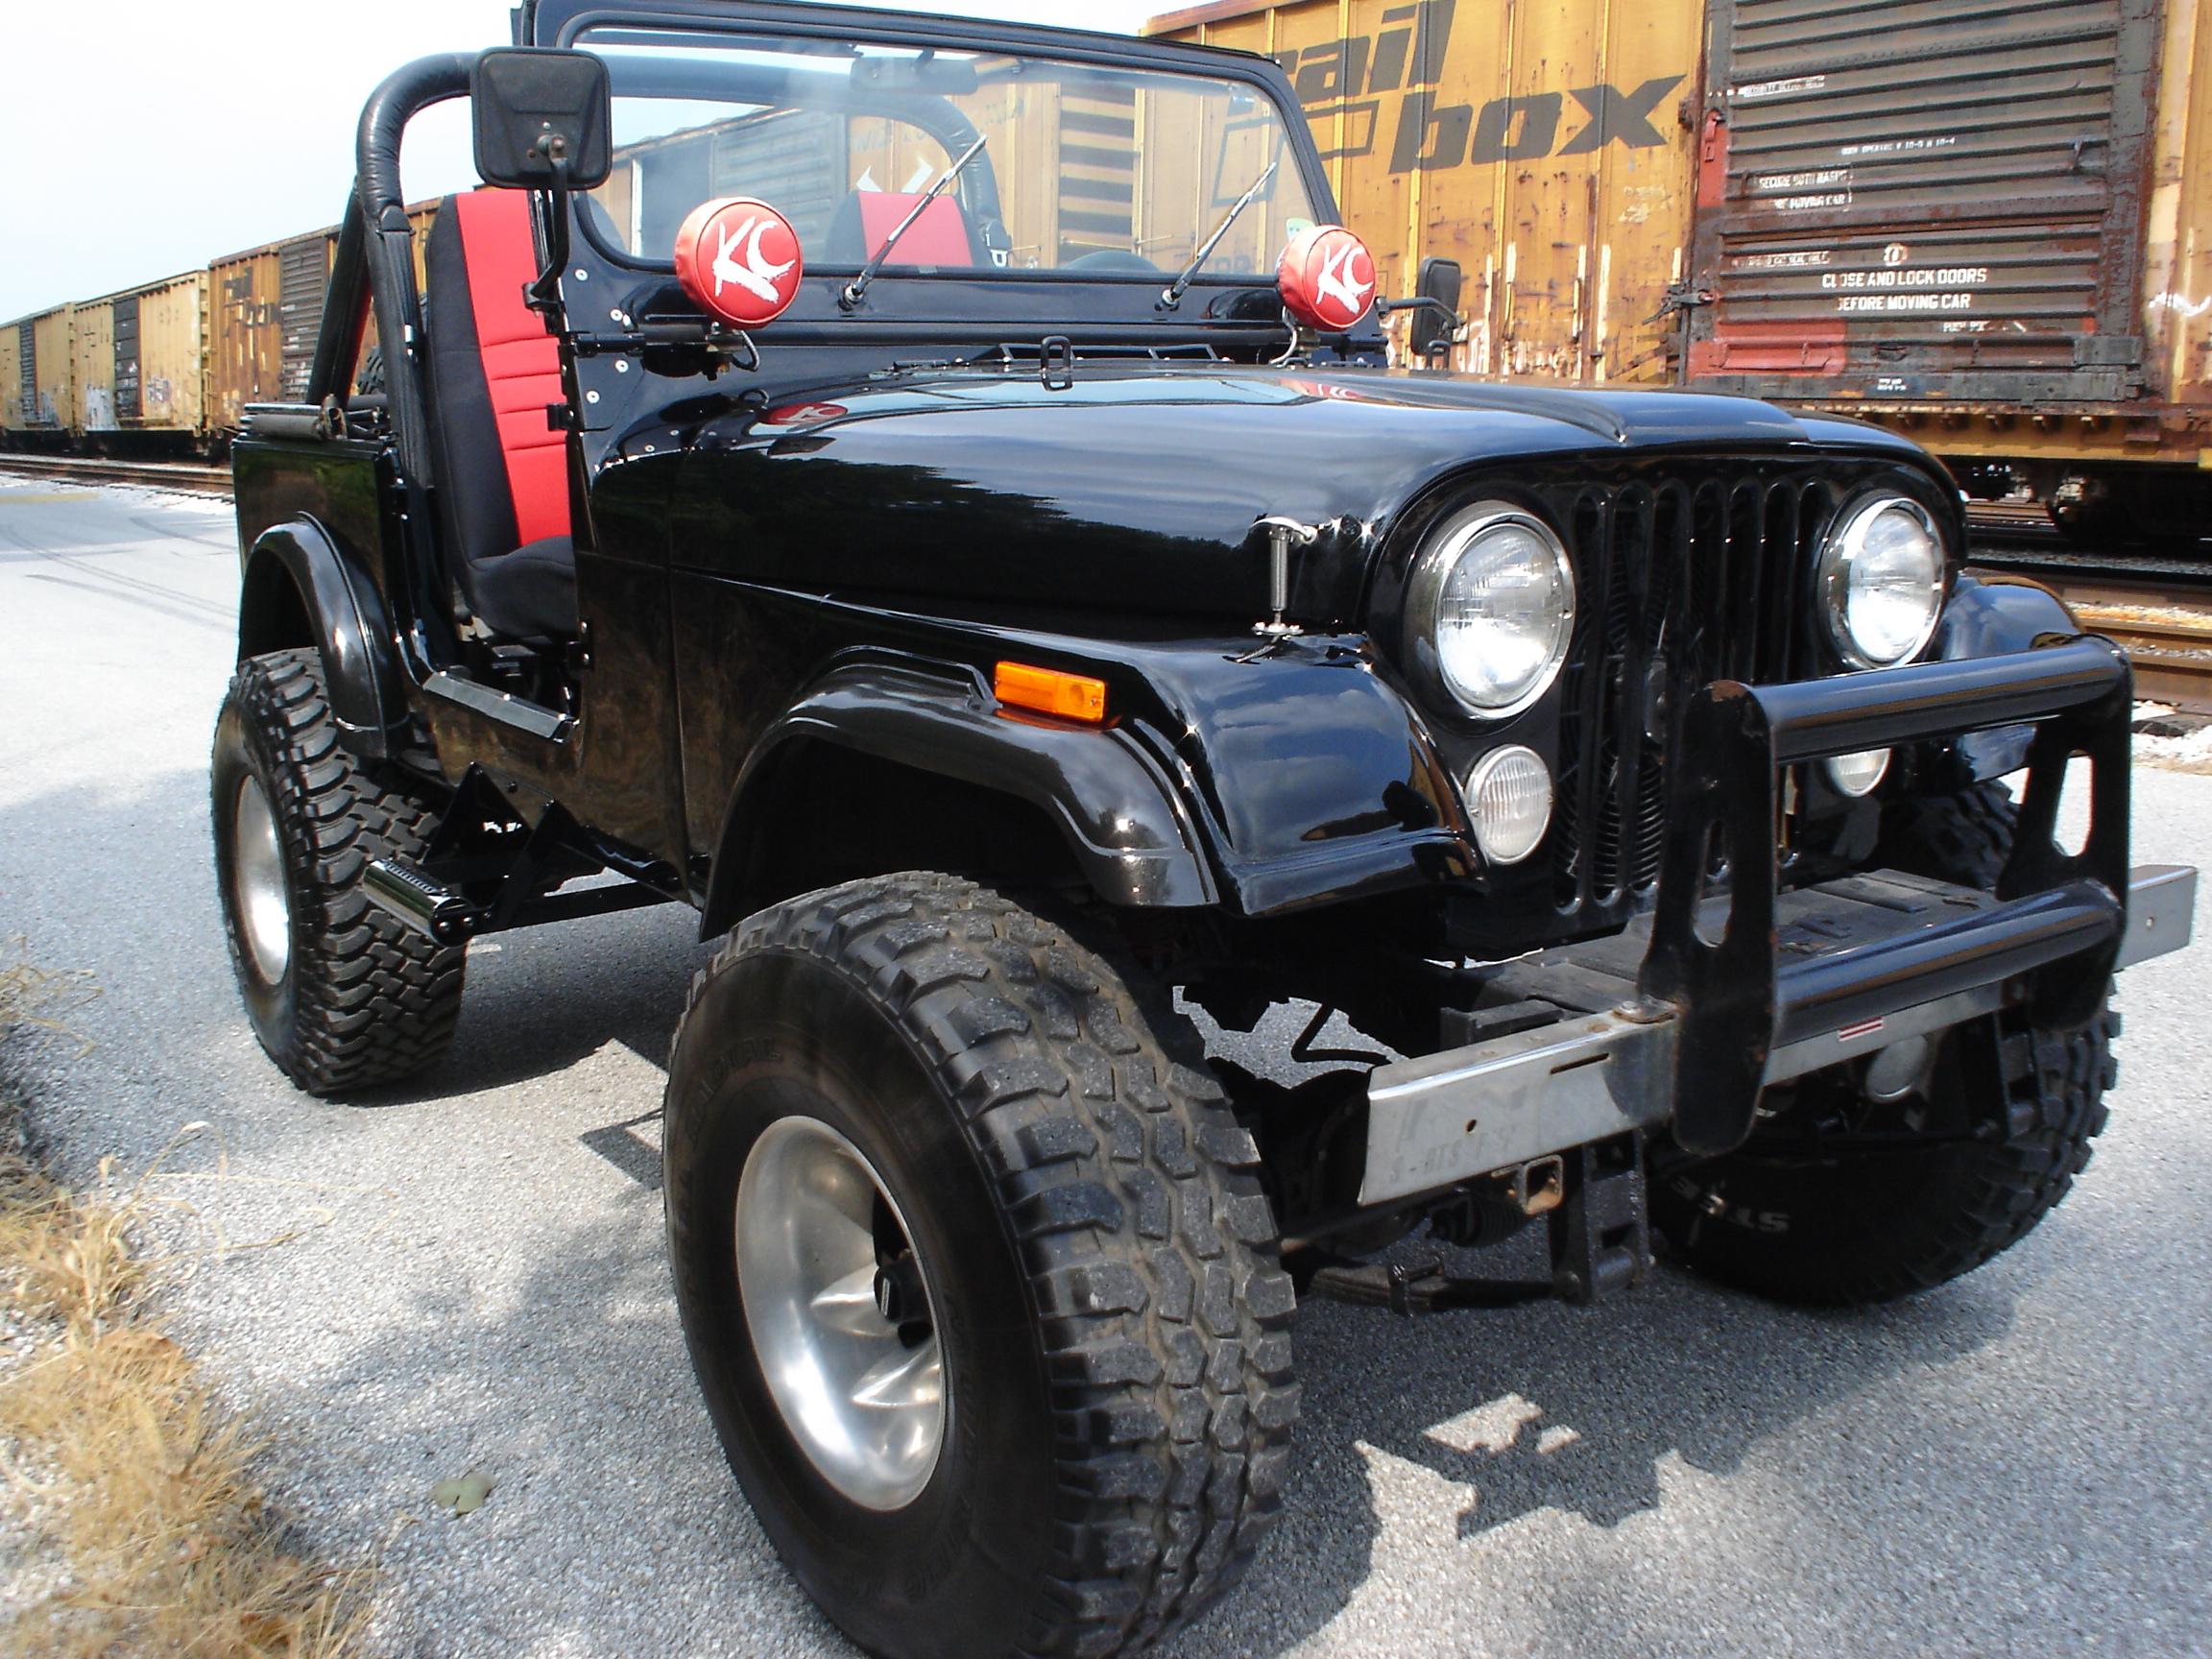 84 Jeep CJ7 | JJV Customs